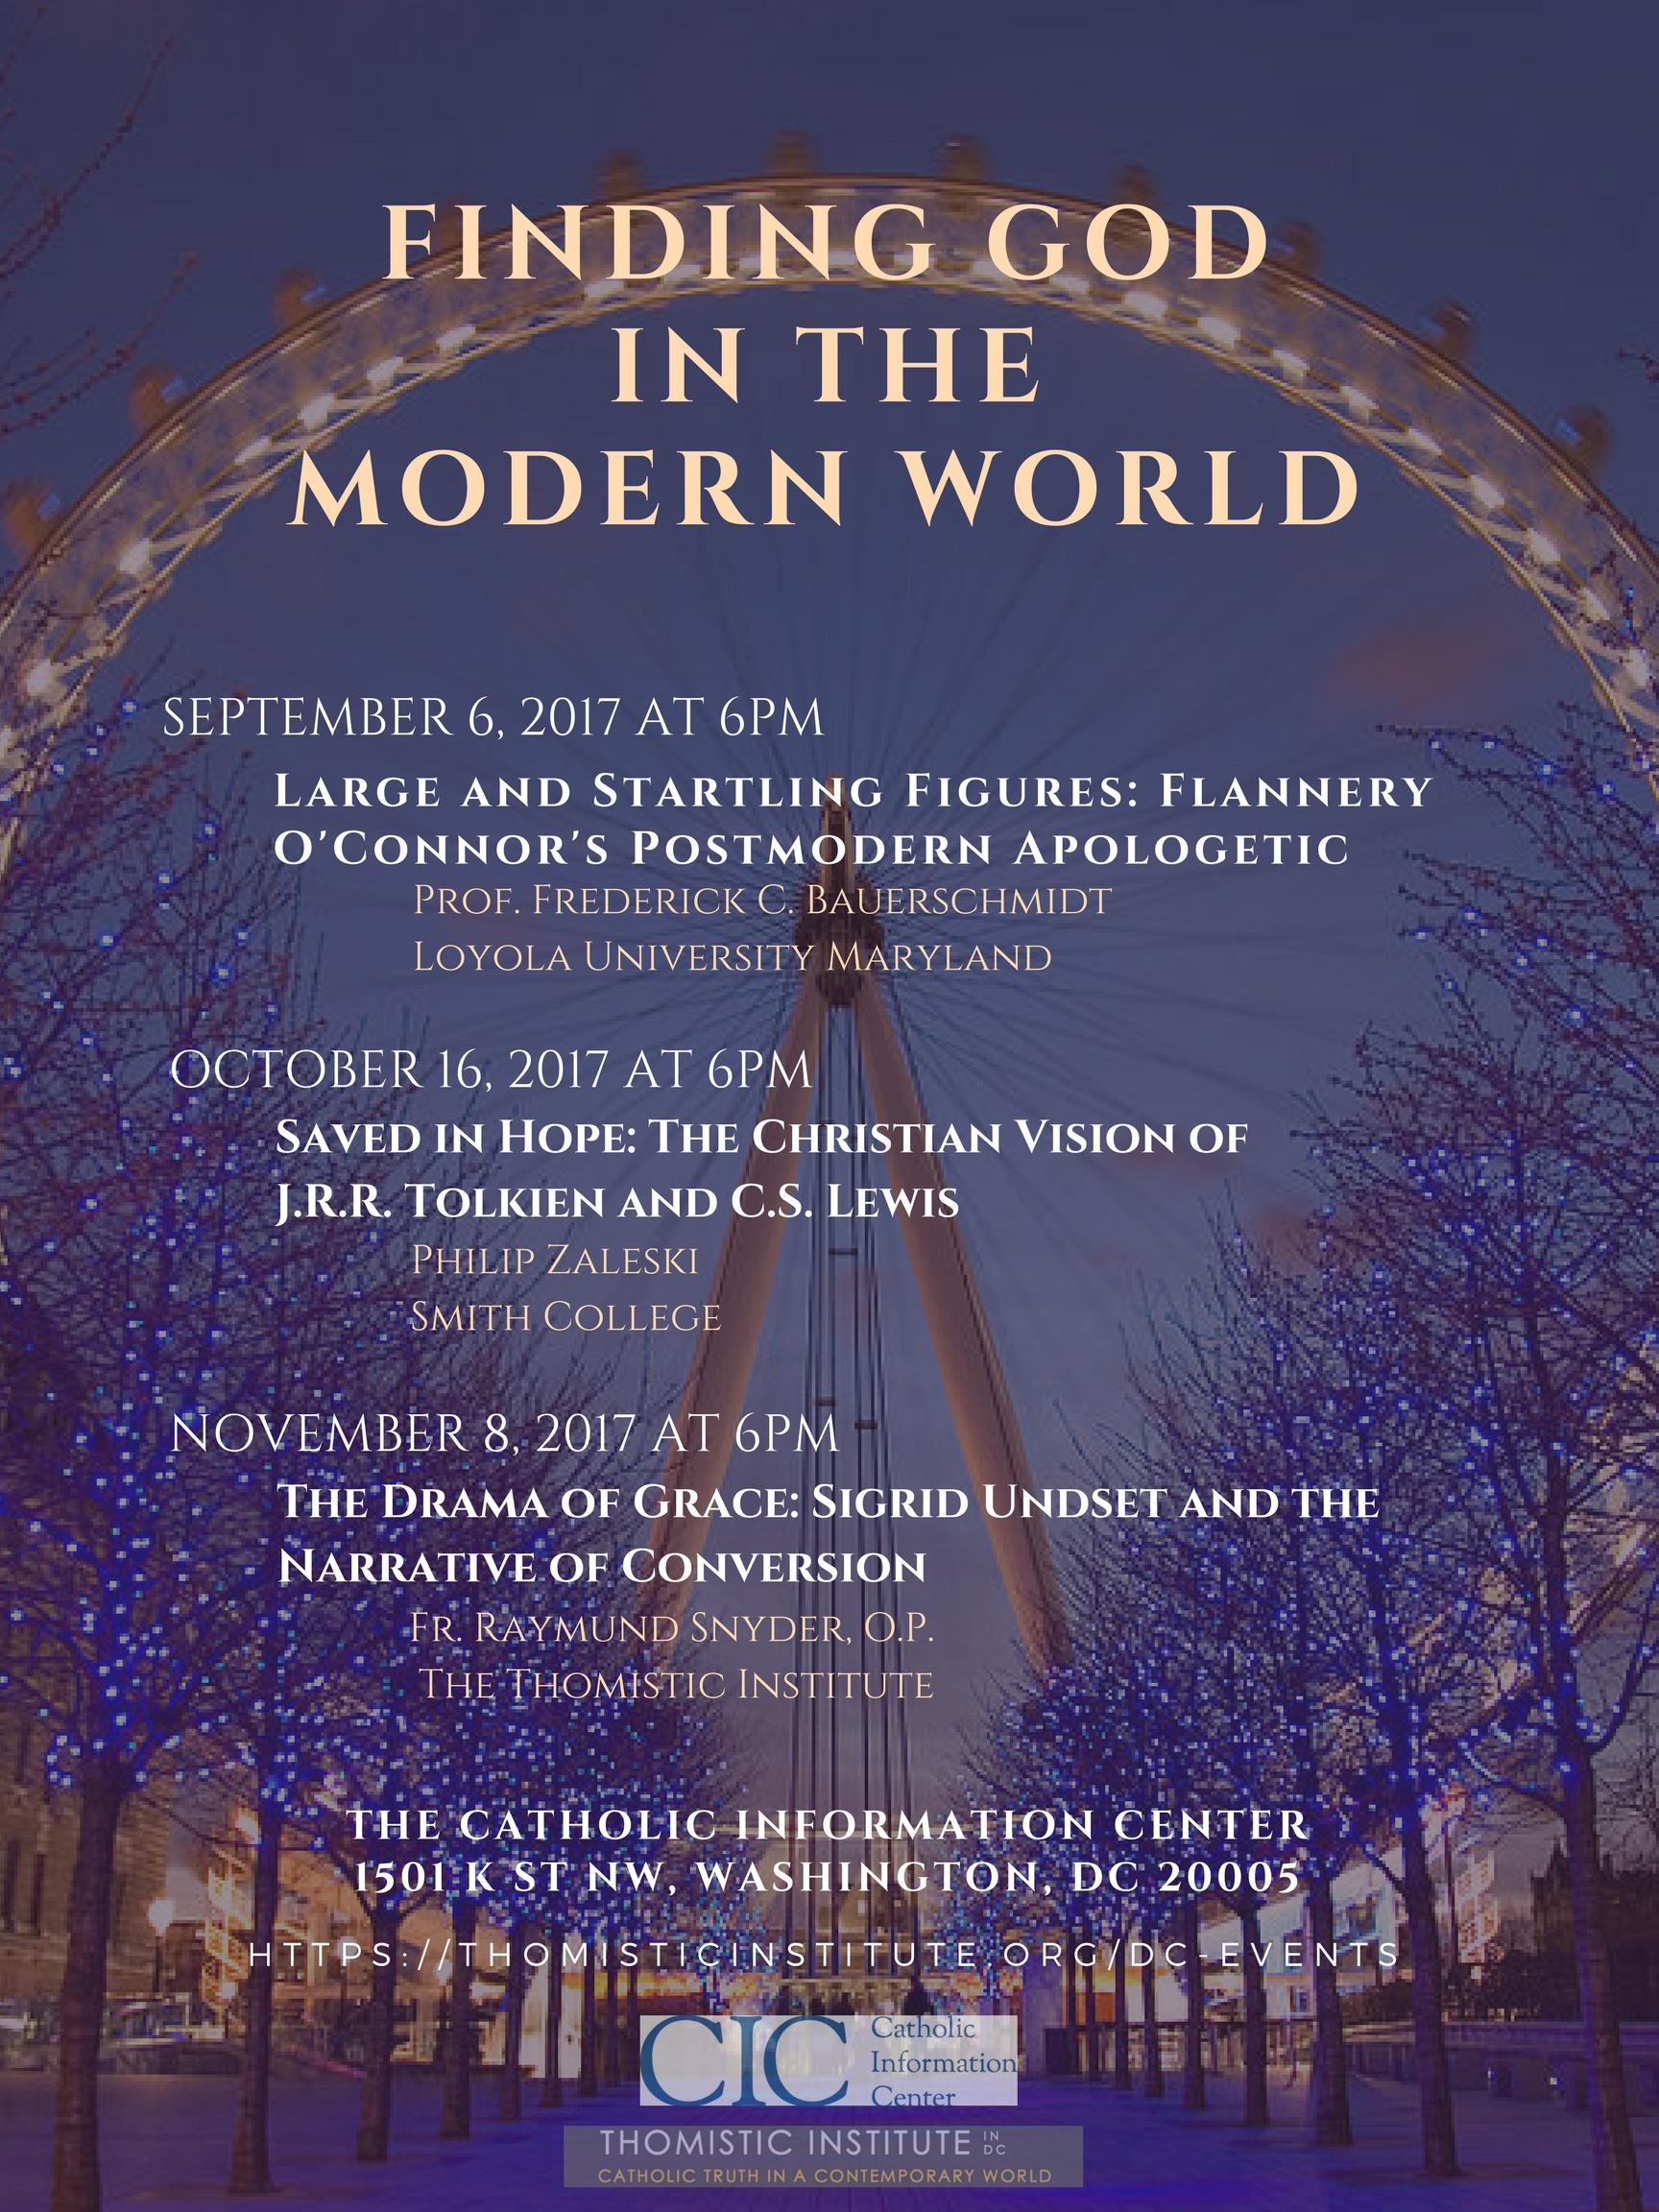 Finding God in the Modern World (13).jpg